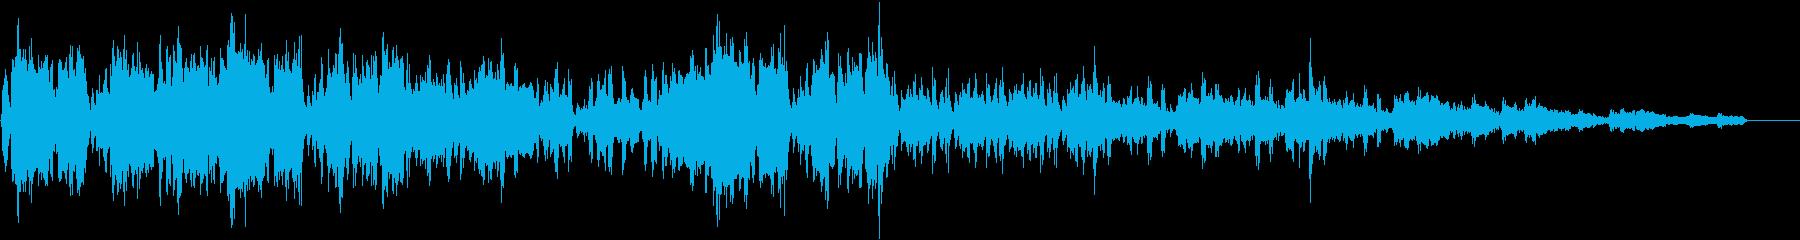 トランペットのソリッドなアシッドジャズの再生済みの波形